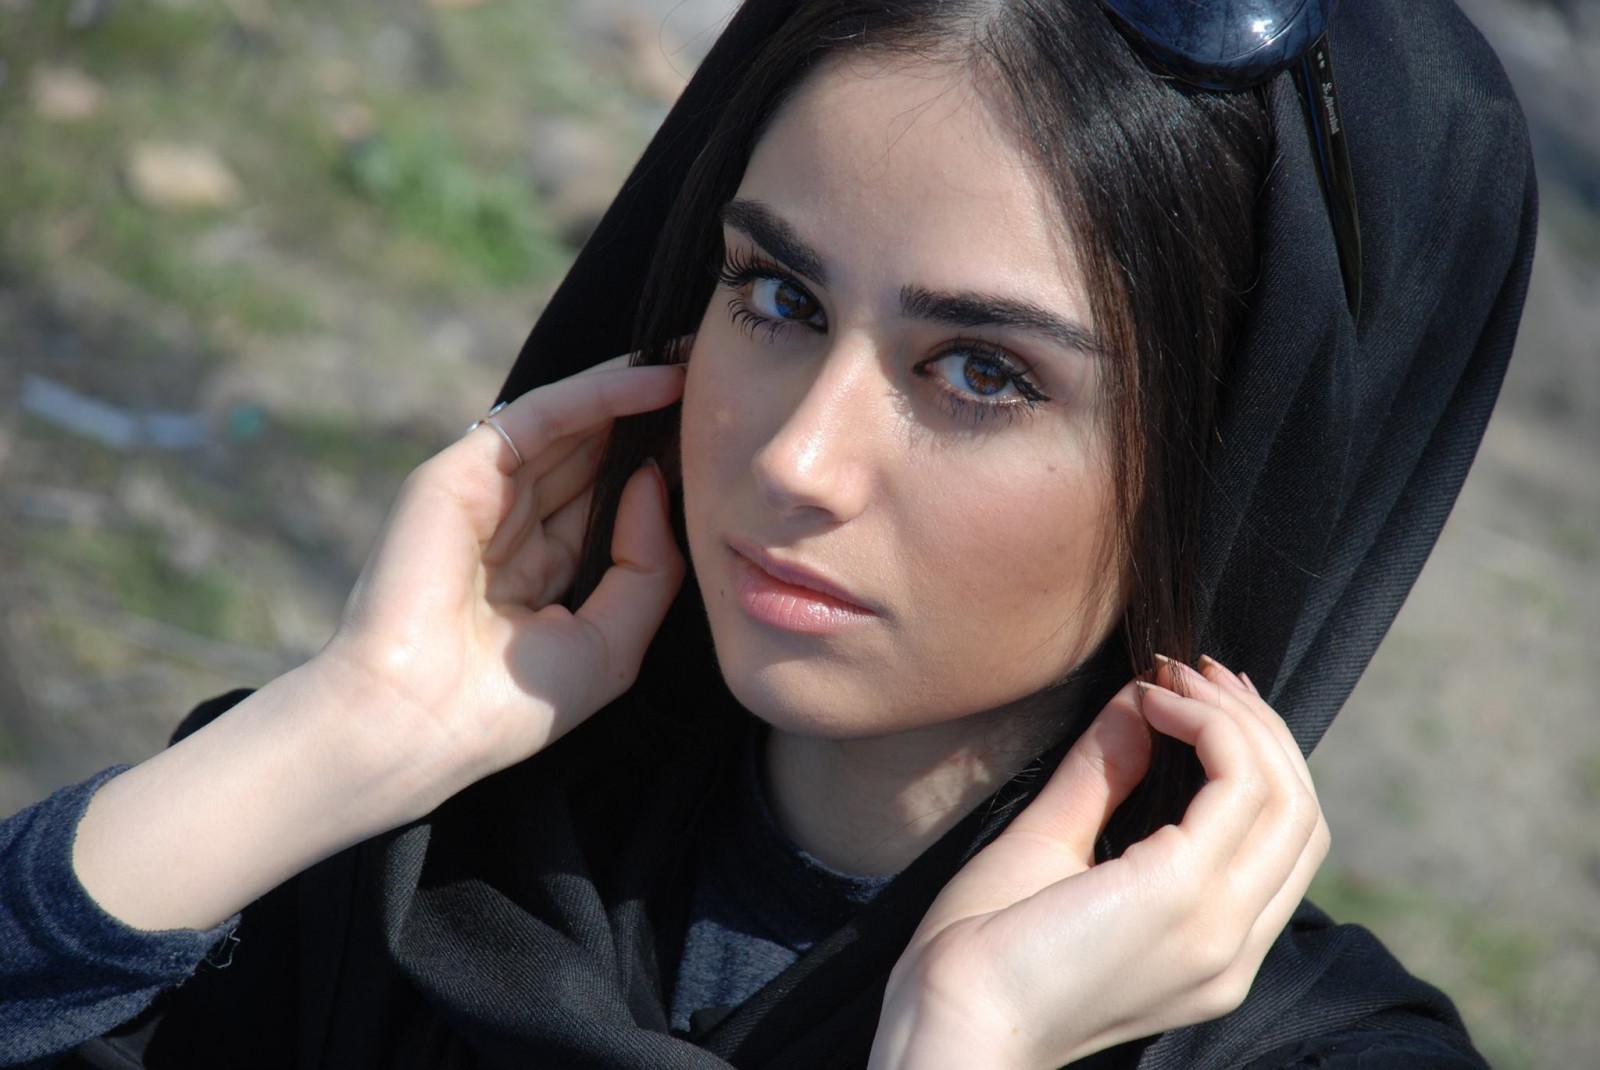 Домашние фото турецких женщин, секс видео смотреть с айфона